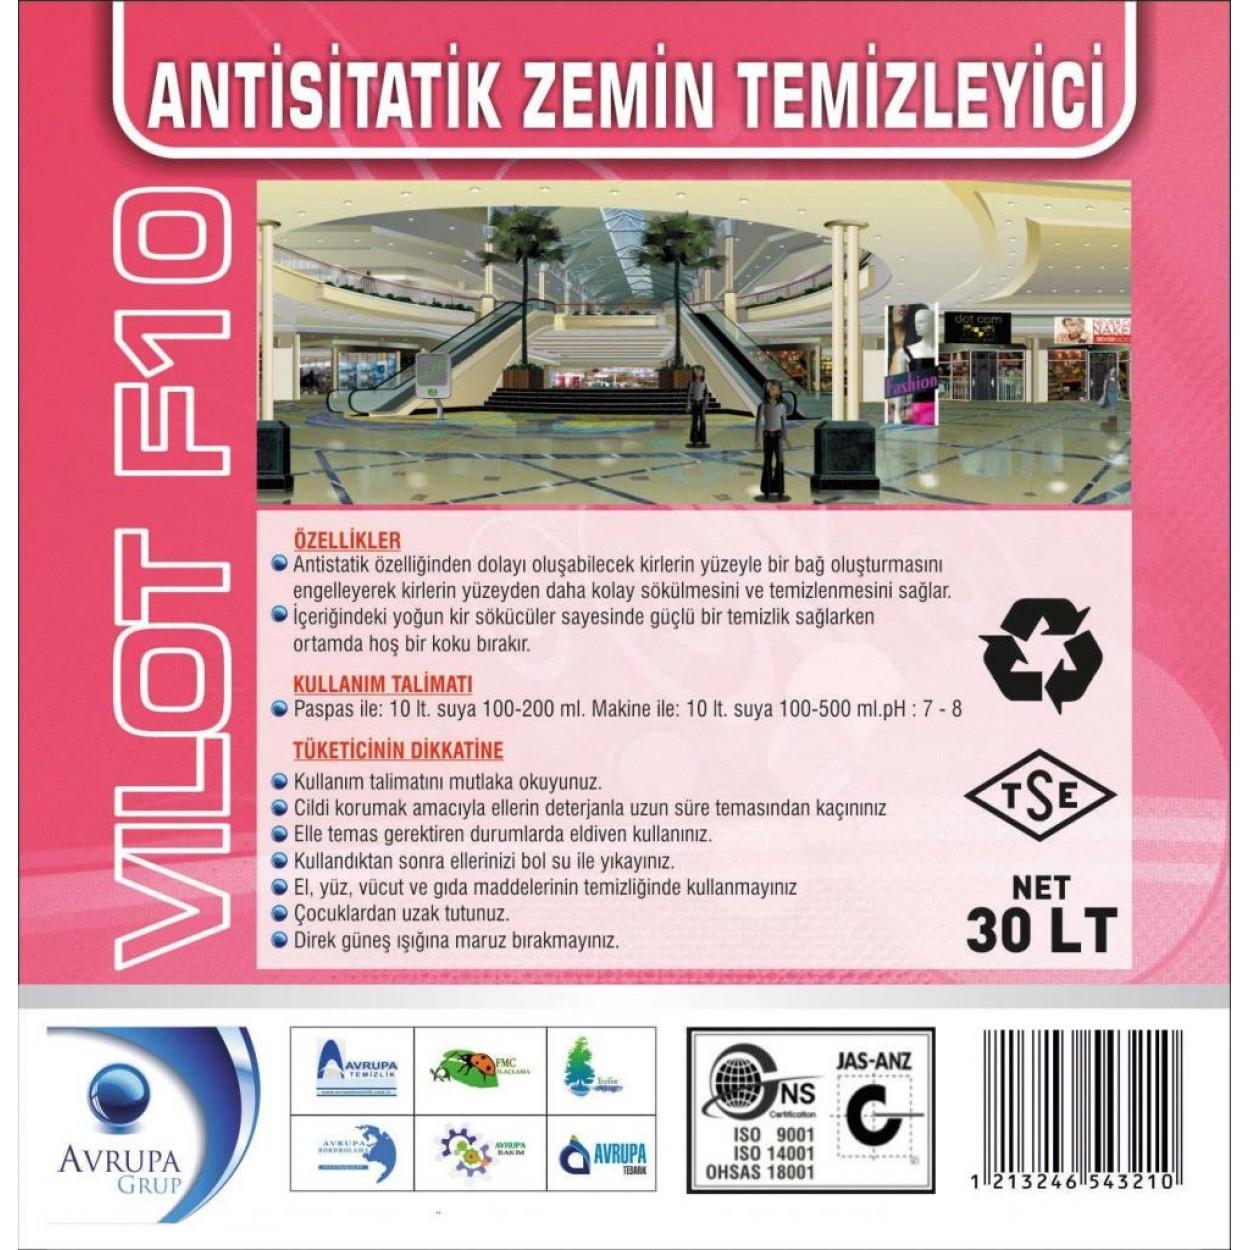 VILOT F10 Anti Statik Zemin Temizleme Ürünü 30 Litre